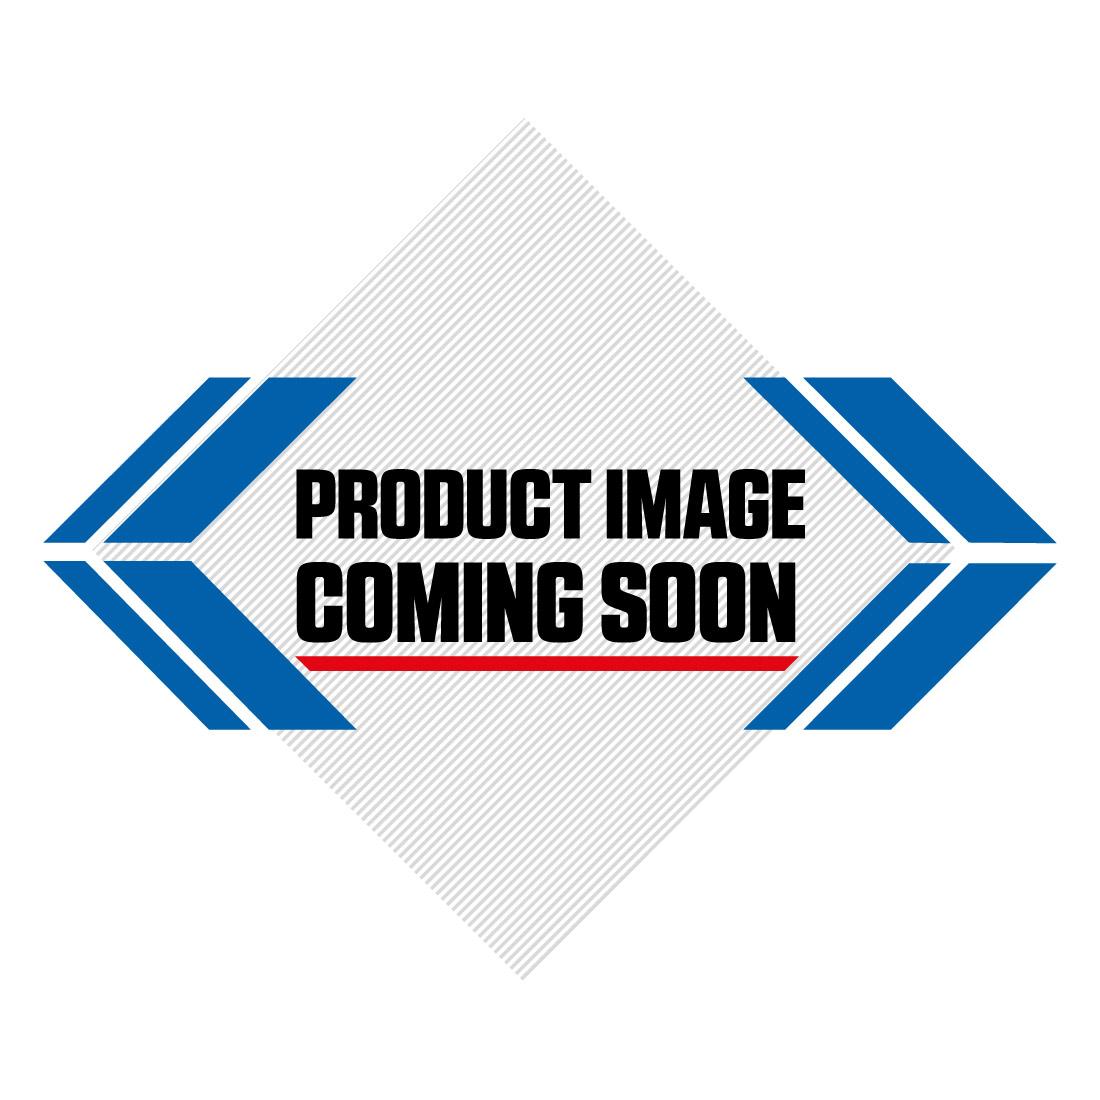 Kawasaki Plastic Kit KX 125 250 (03-04) OEM Factory Image-5>